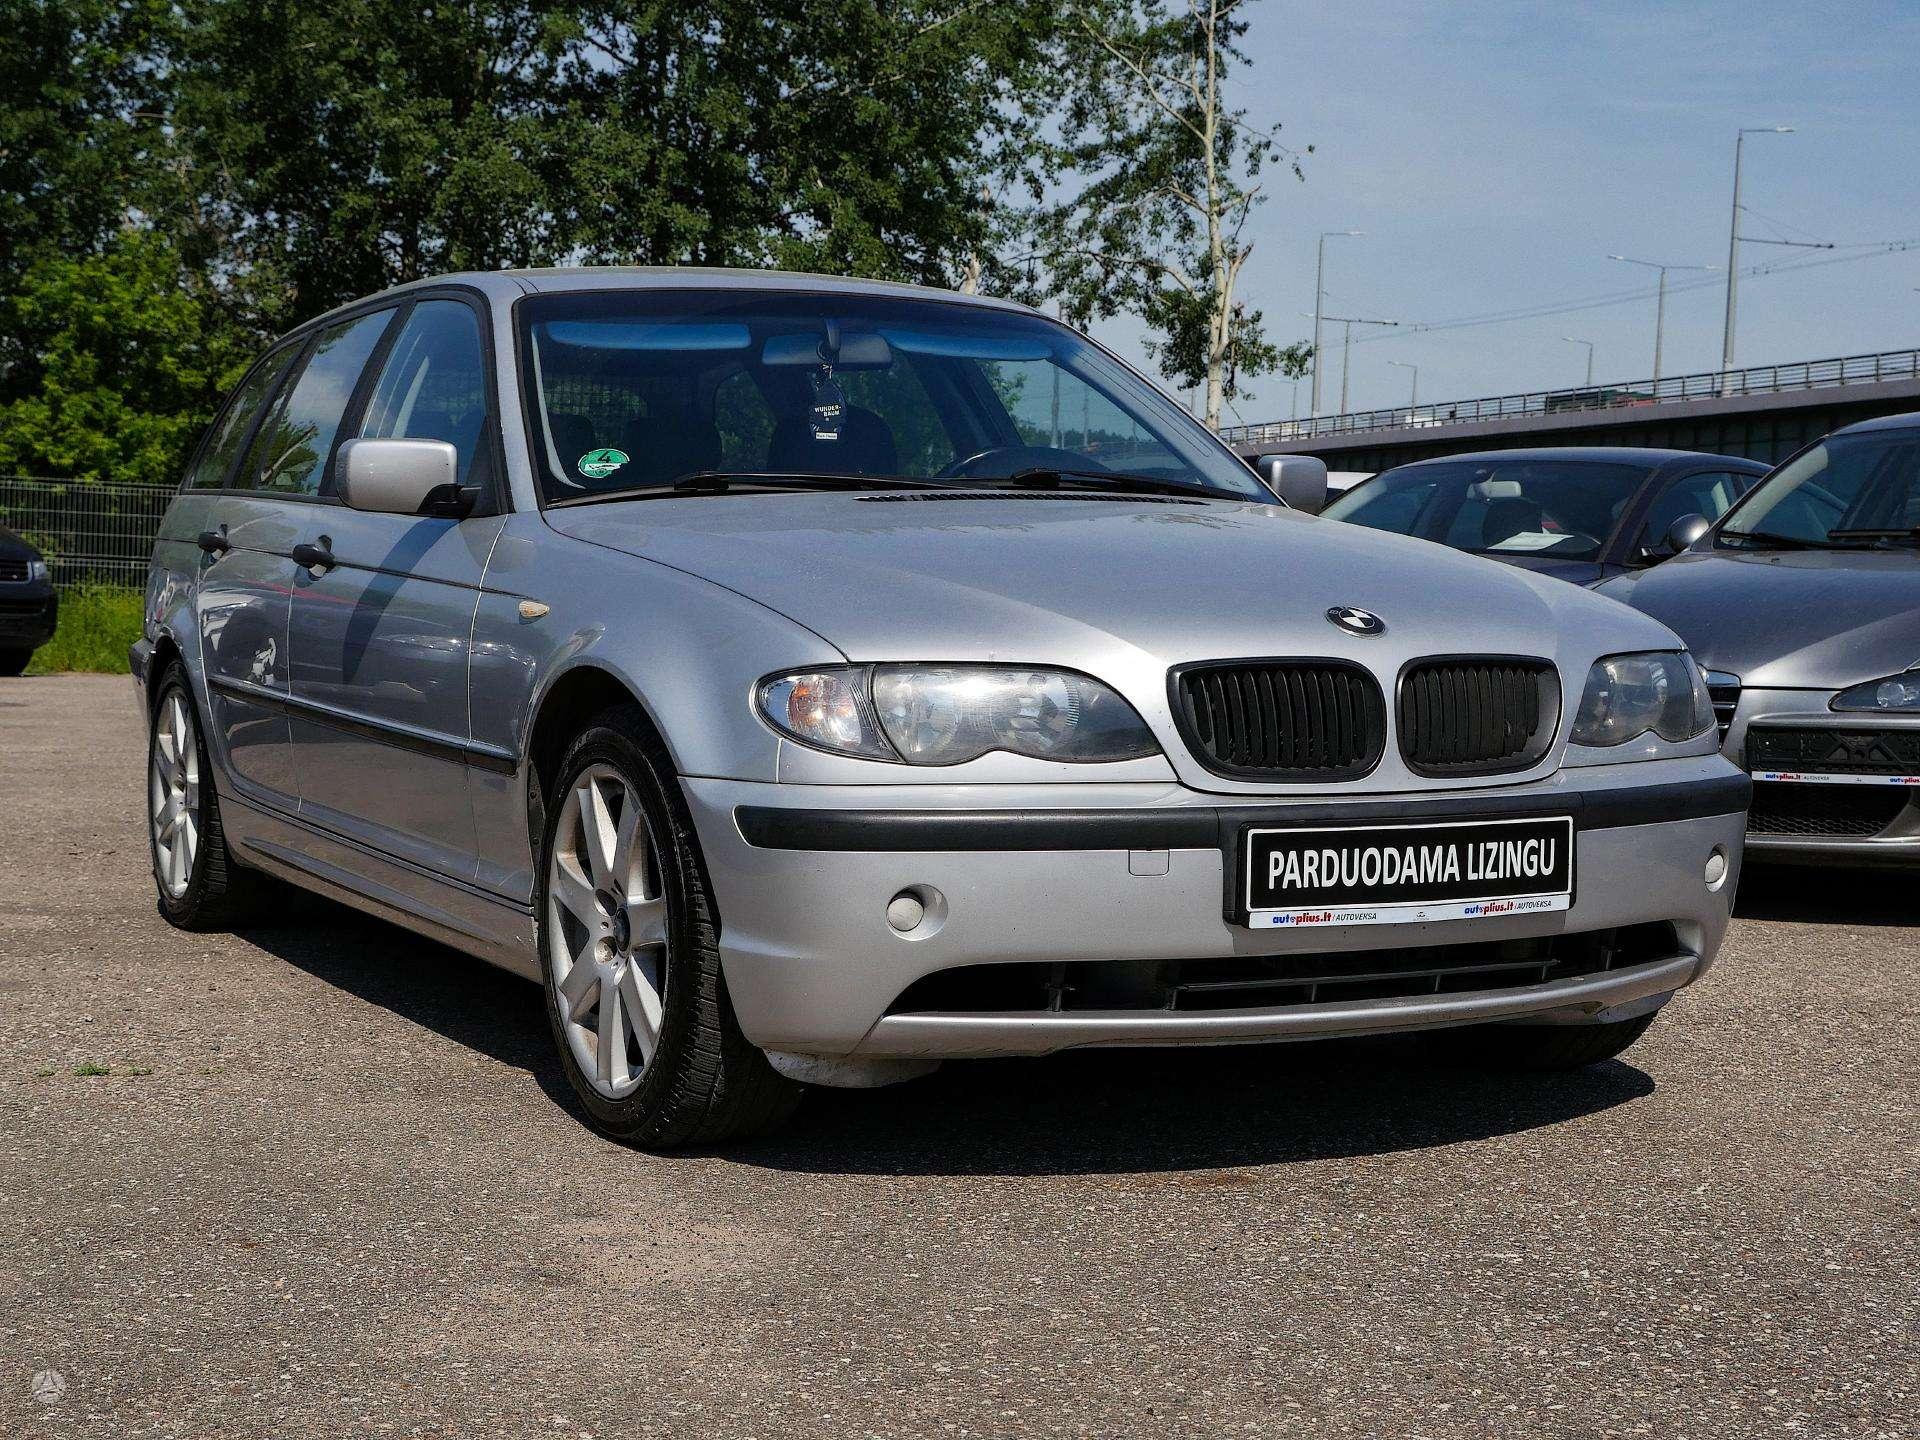 BMW 320 išsimokėtinai nuo 54Eur/Mėn su 3 mėnesių garantija